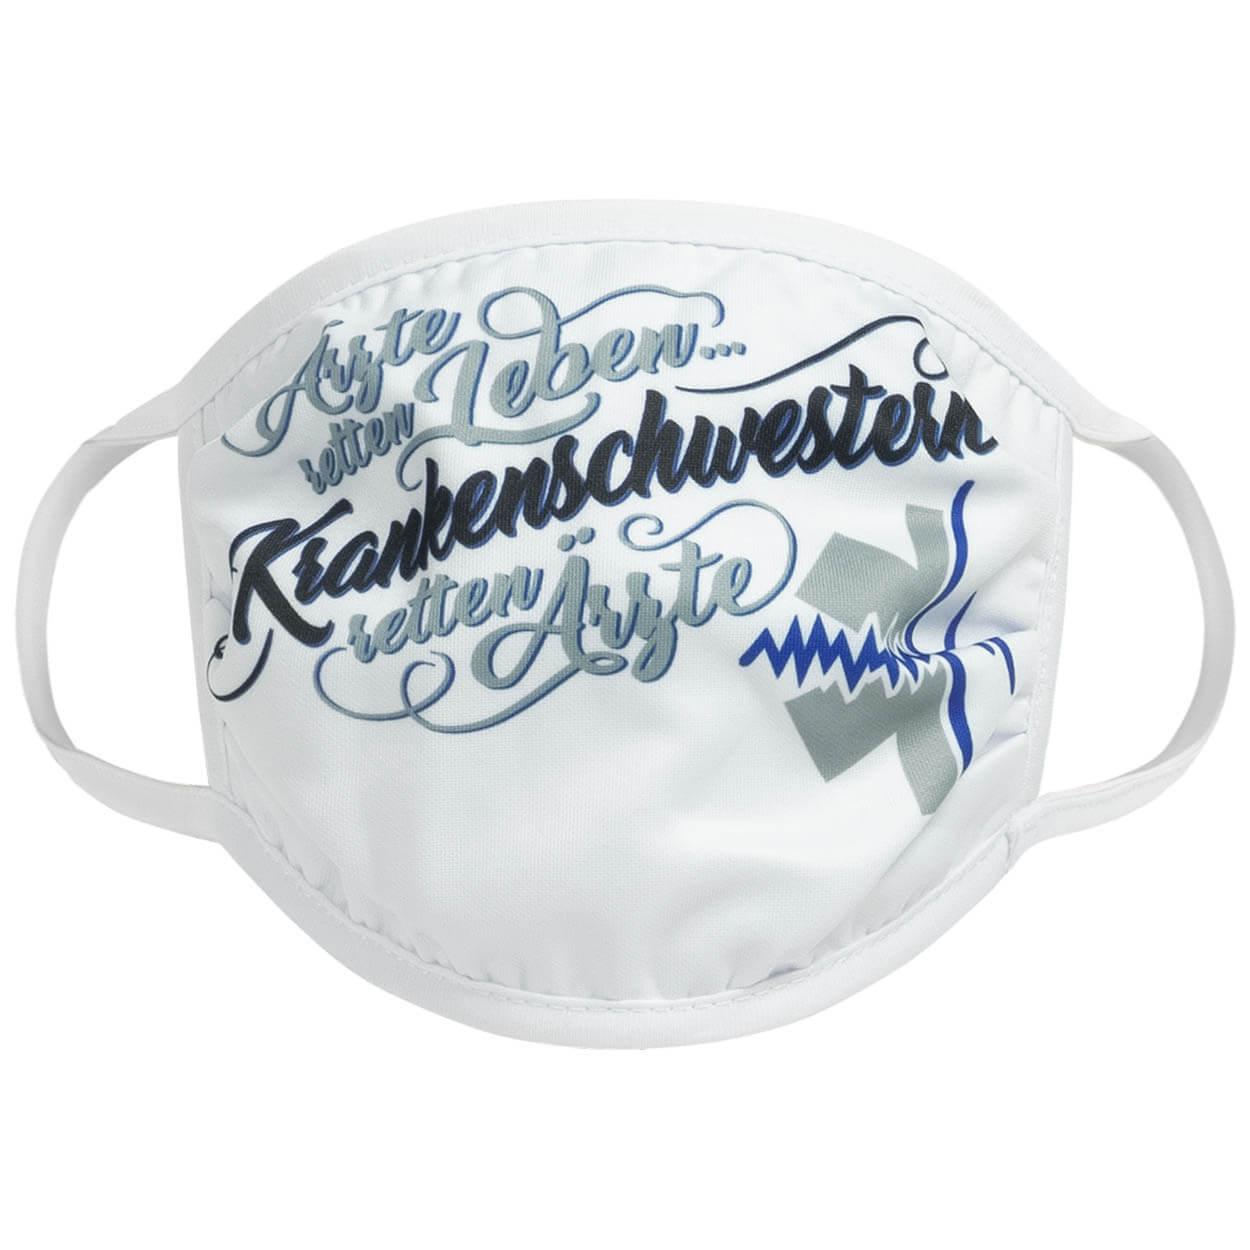 Alltagsmaske Krankenschwester